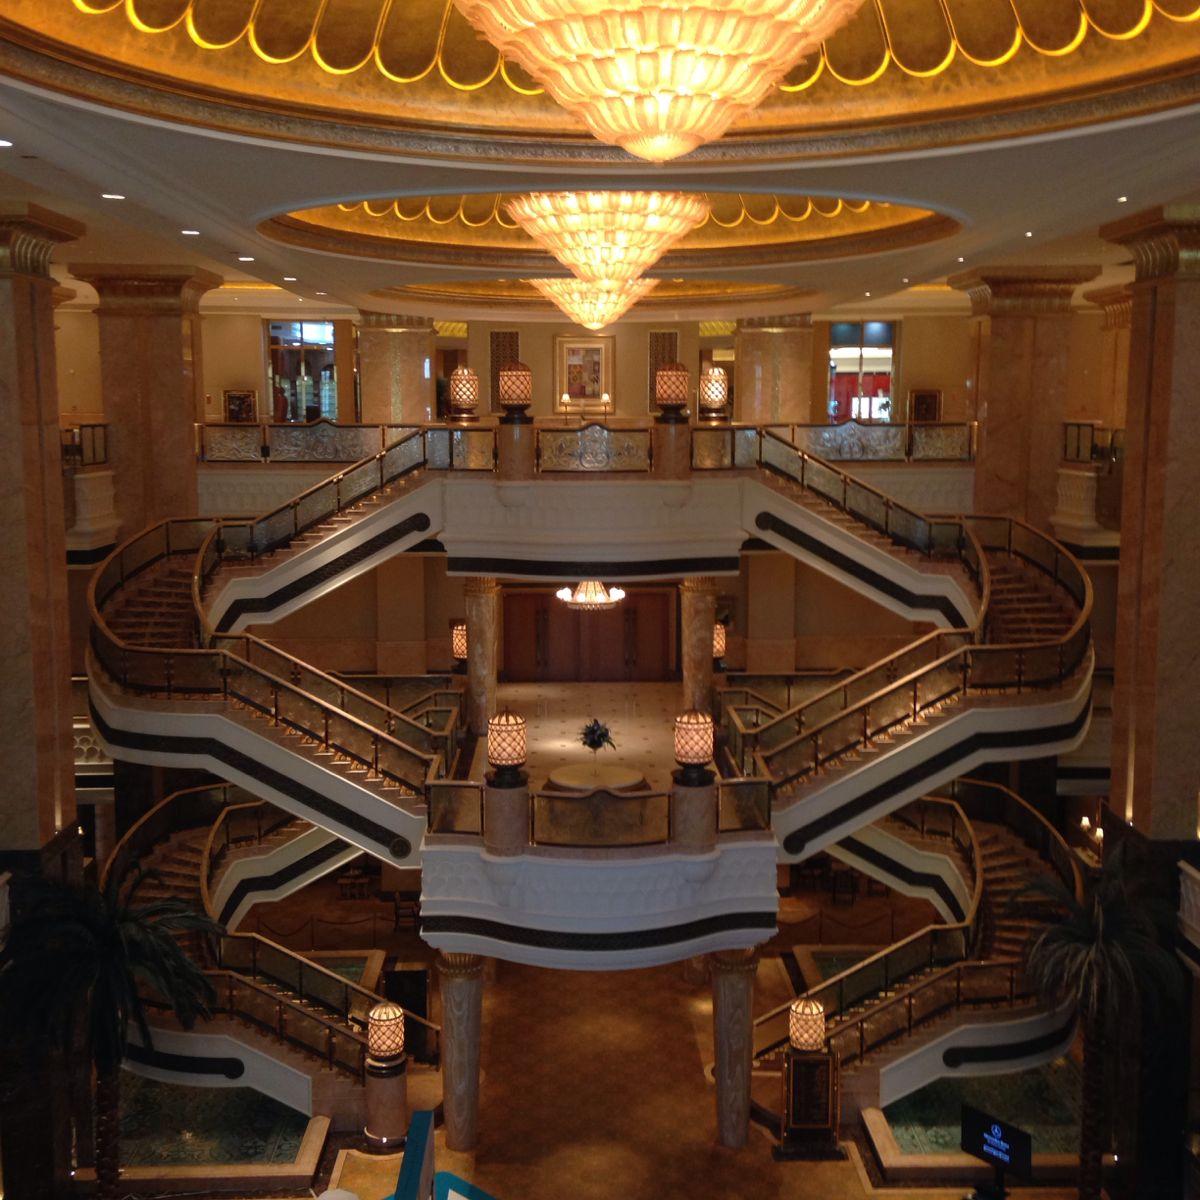 阿布扎比皇宫大酒店_阿布扎比八星皇宫酒店多少钱一晚